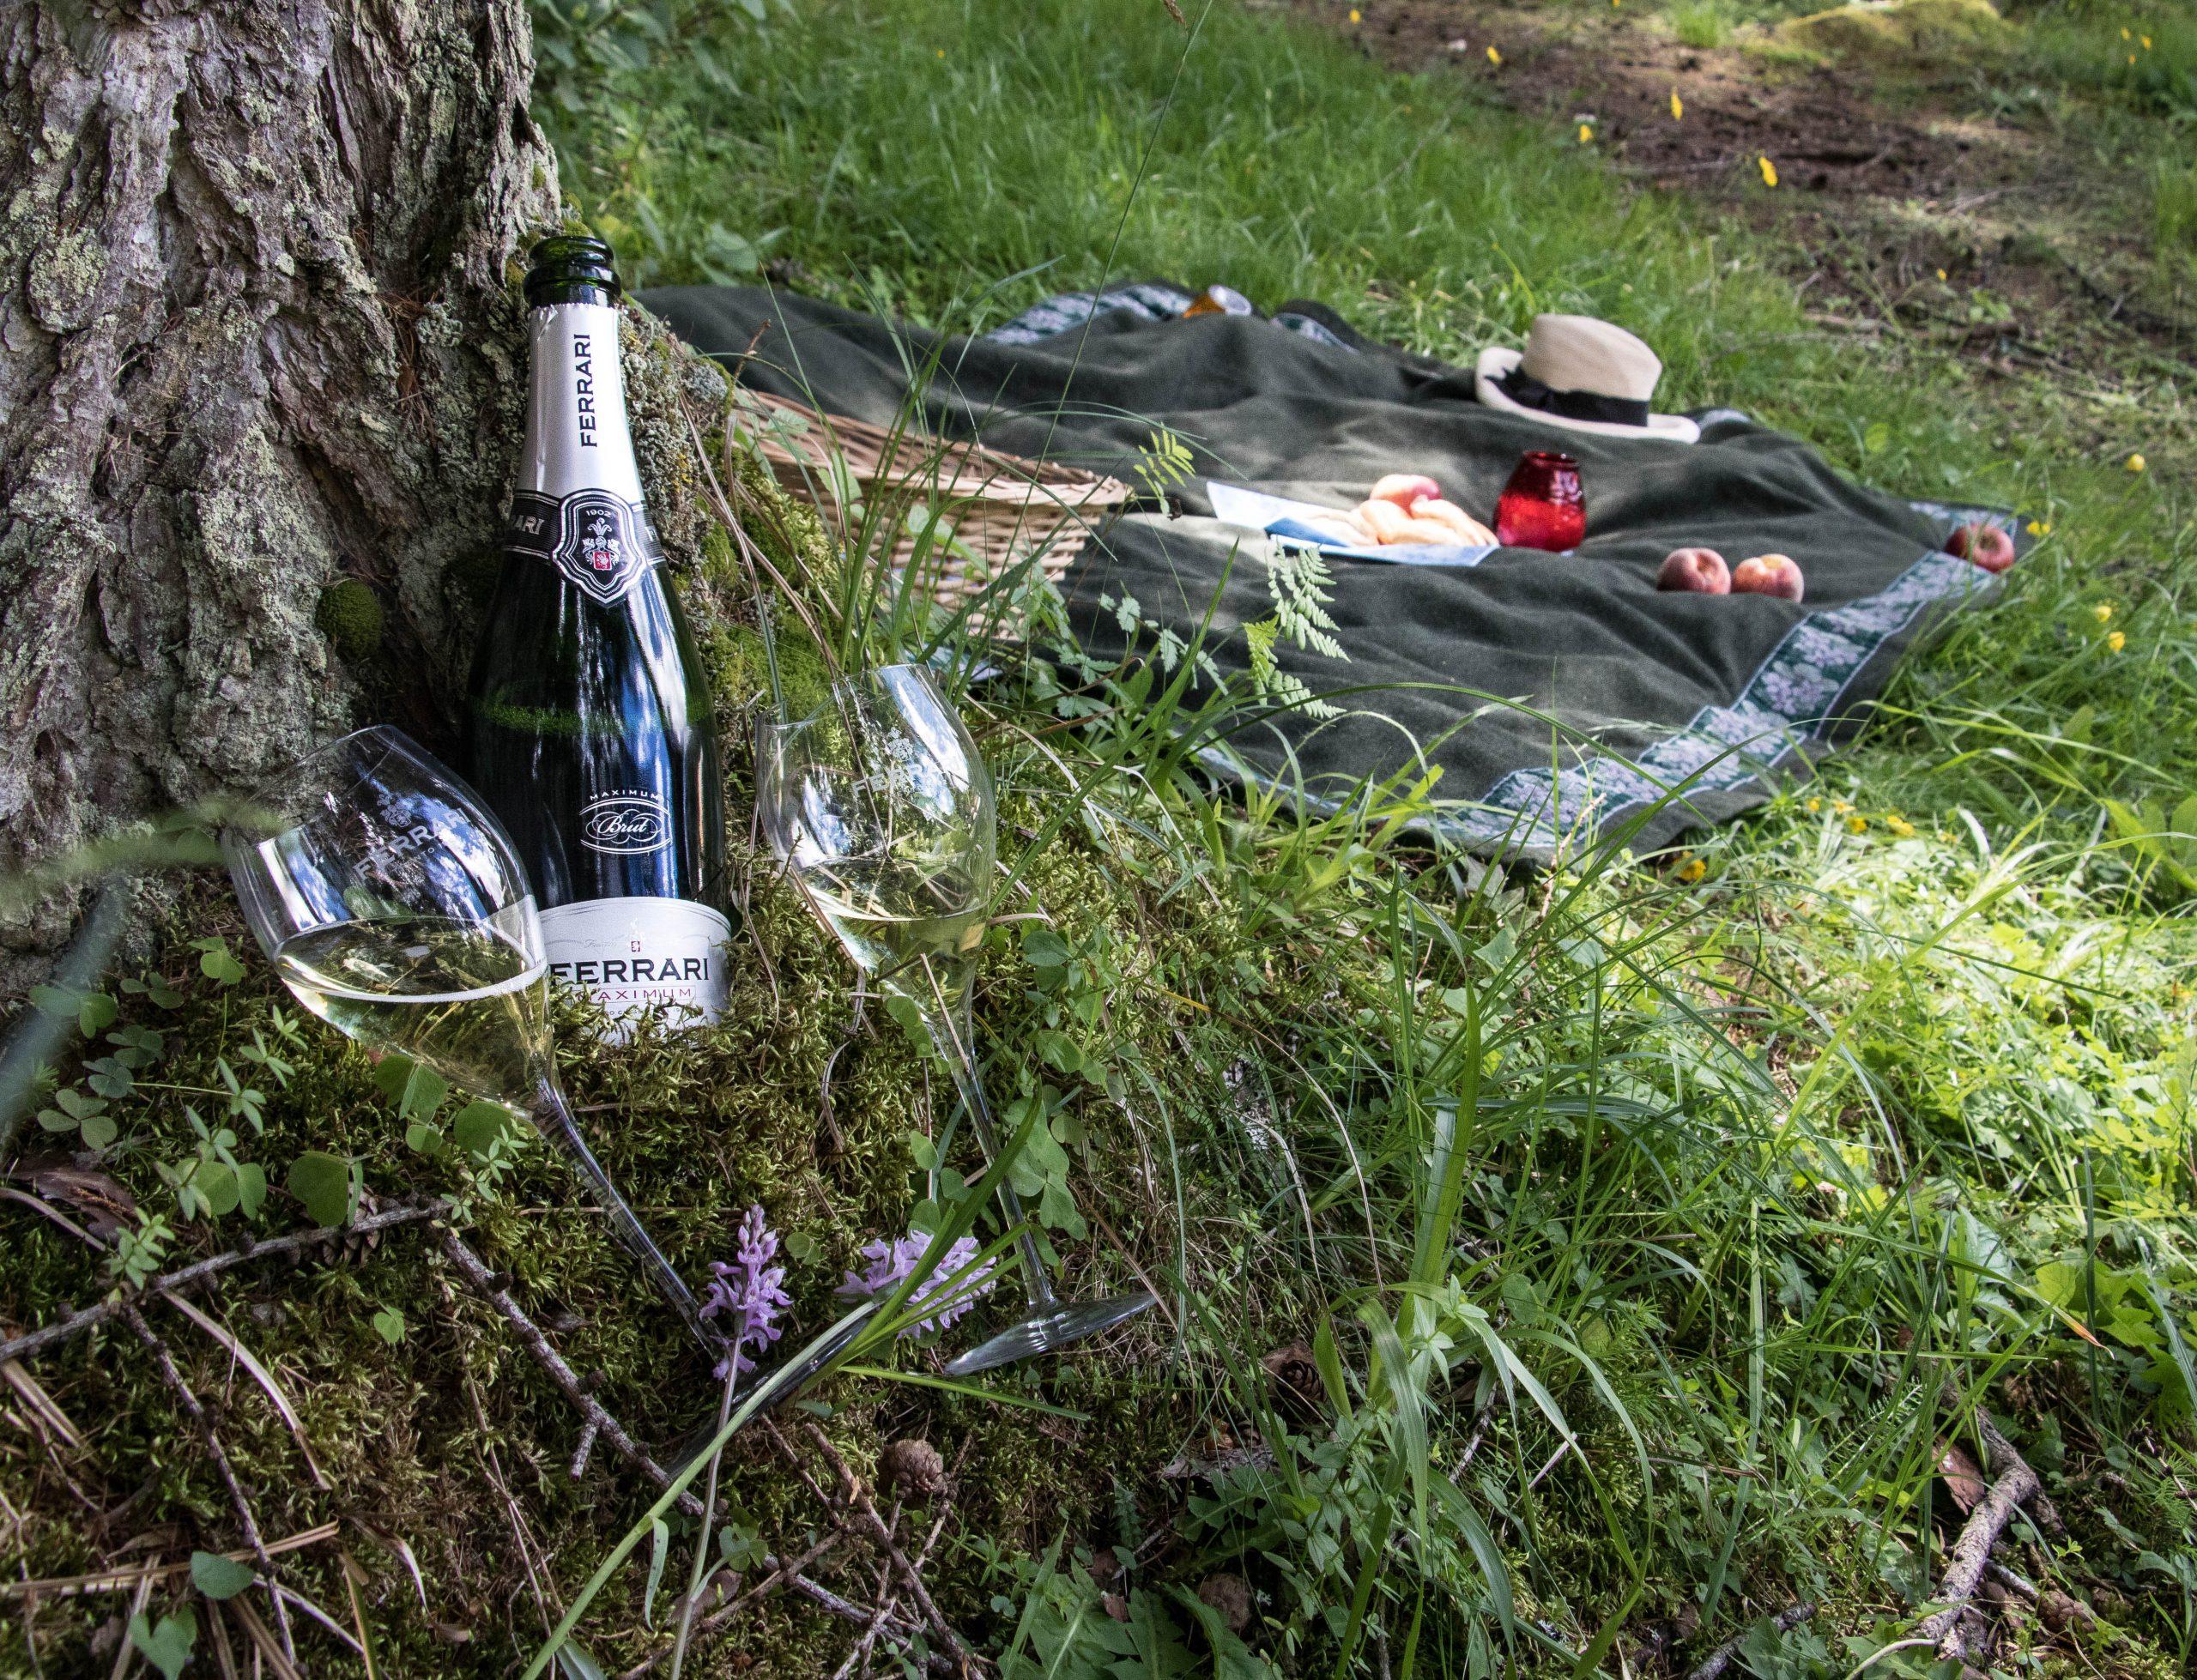 Un picnic su un prato delle Dolomiti per Pasqua 2019